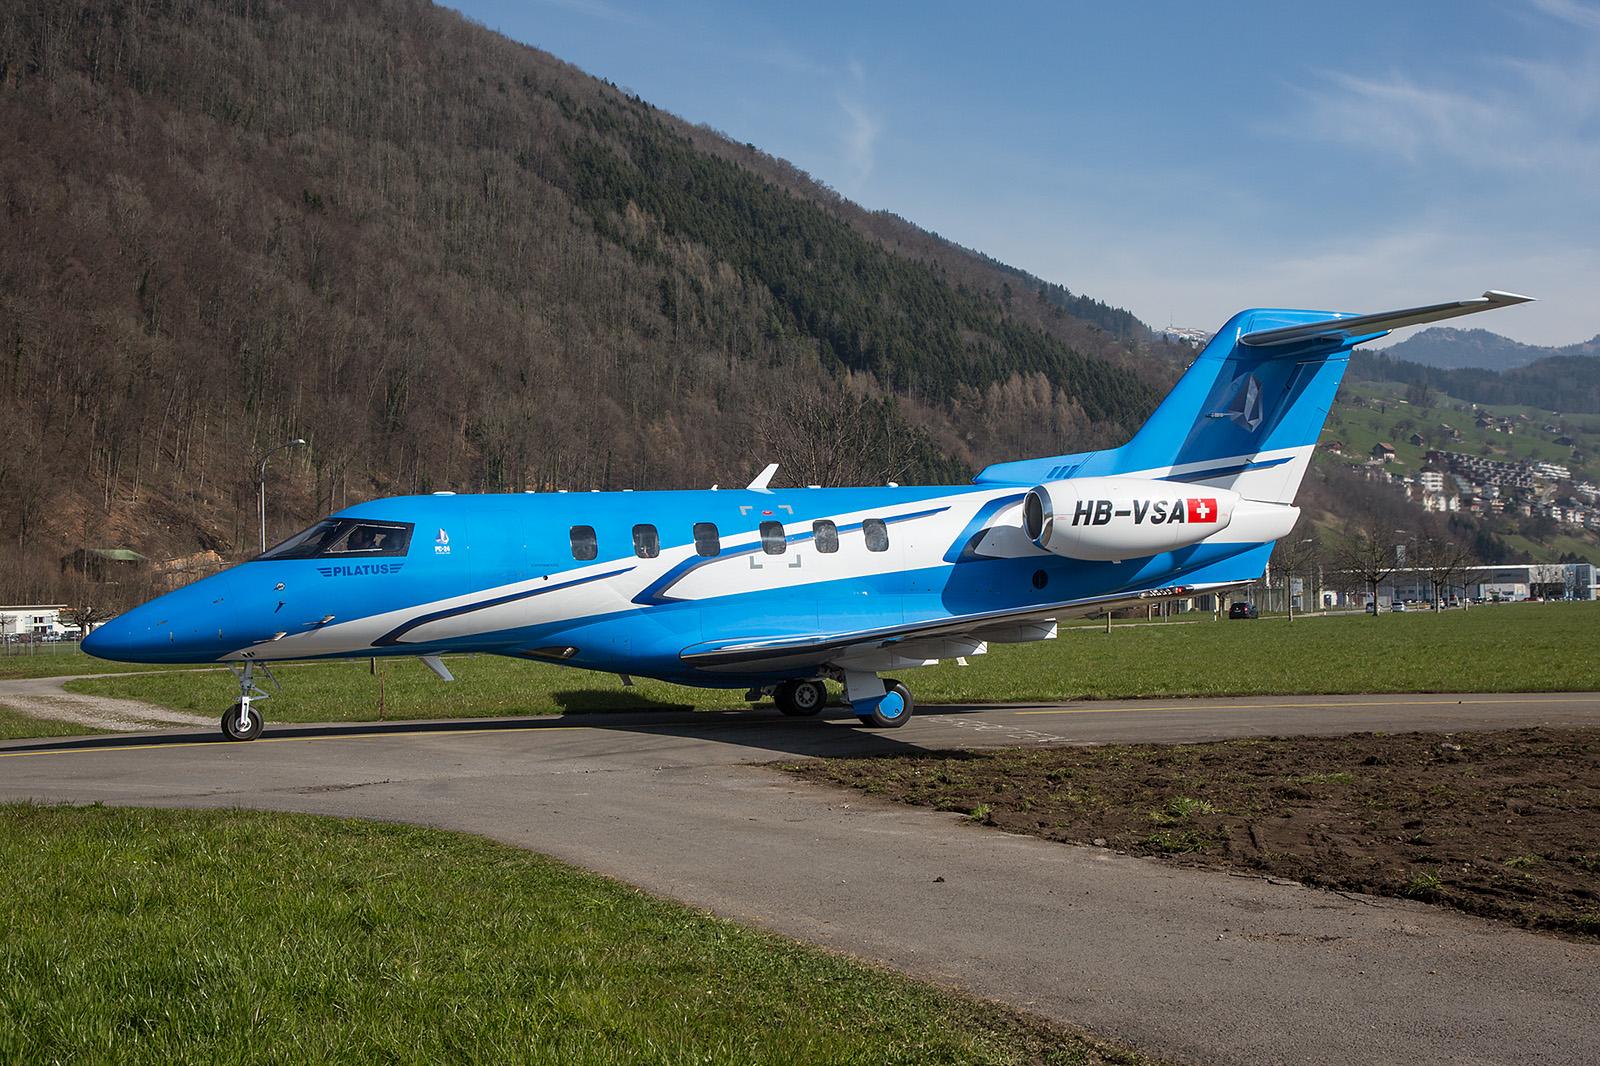 Der Prototyp des PC-24 Jets. Einer der ersten Kunden wird der Flying Doctor Service in Australien sein.